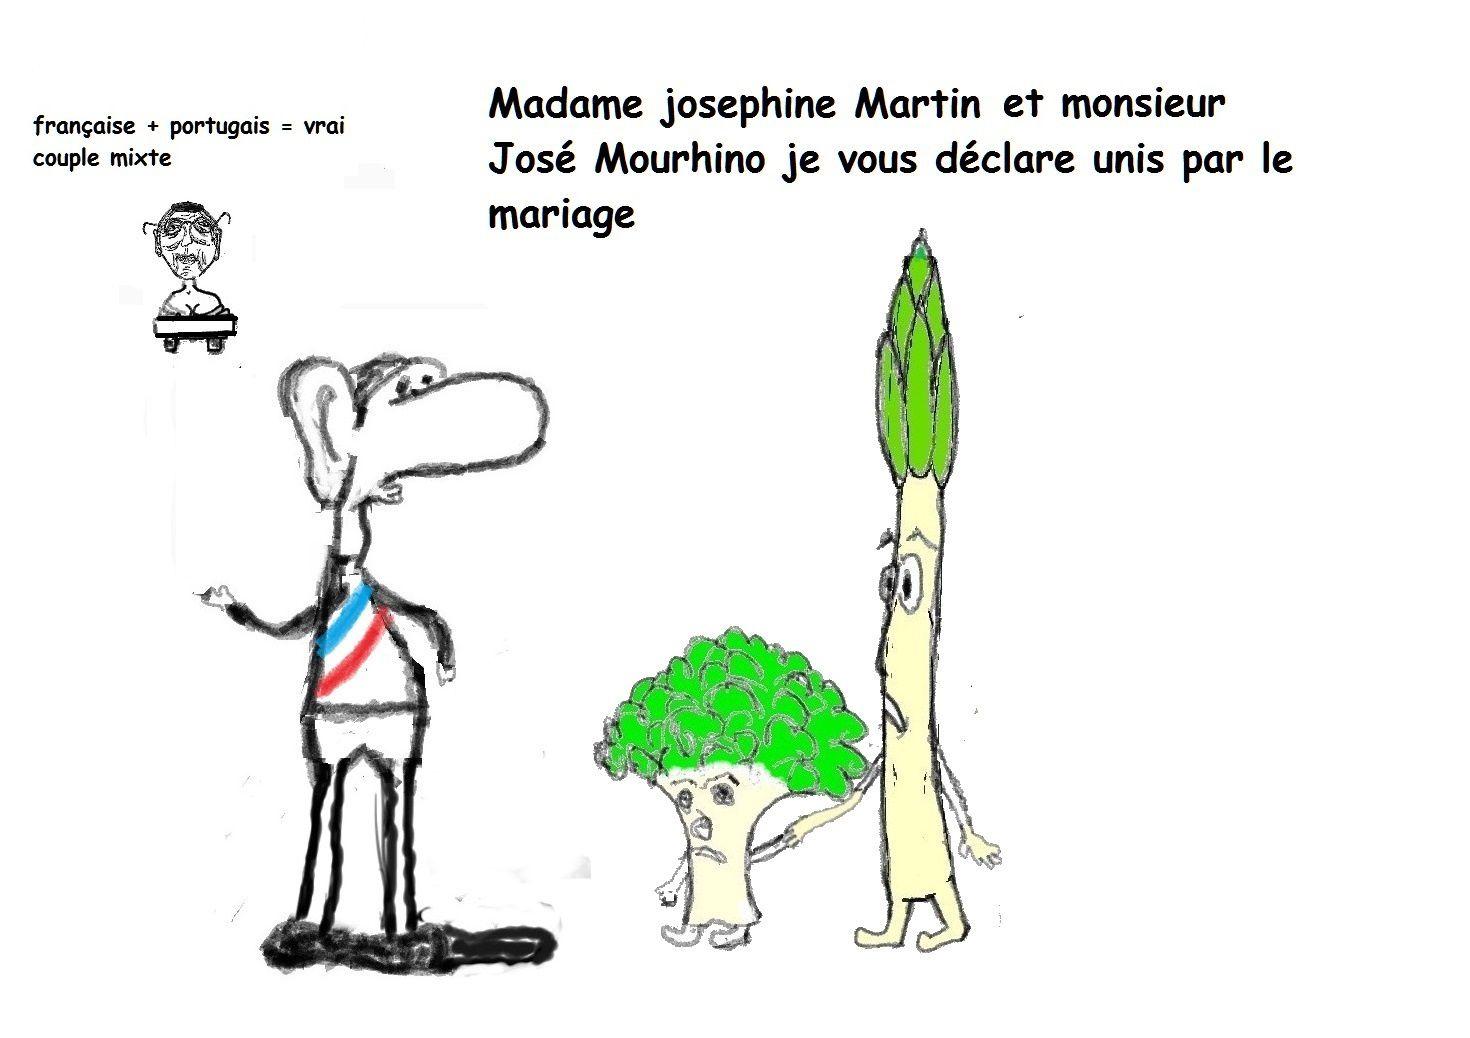 Les 6 cas de mixité d' après Neyrand Gérard et M'Sili Marine.